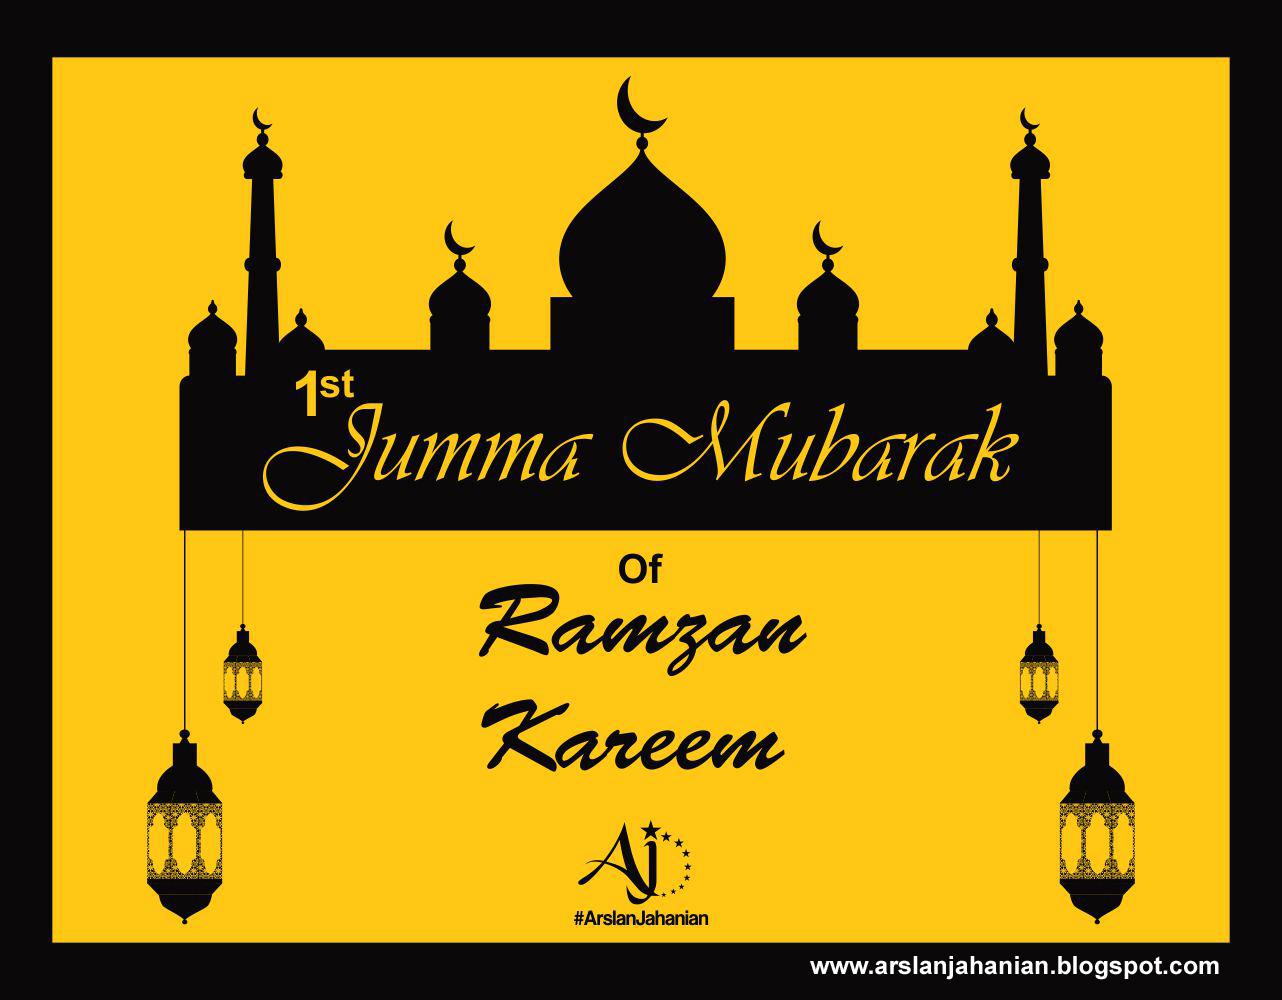 Jumma Mubarak Ramadan Kareem Greeting Card Arslan Jahanian Designs